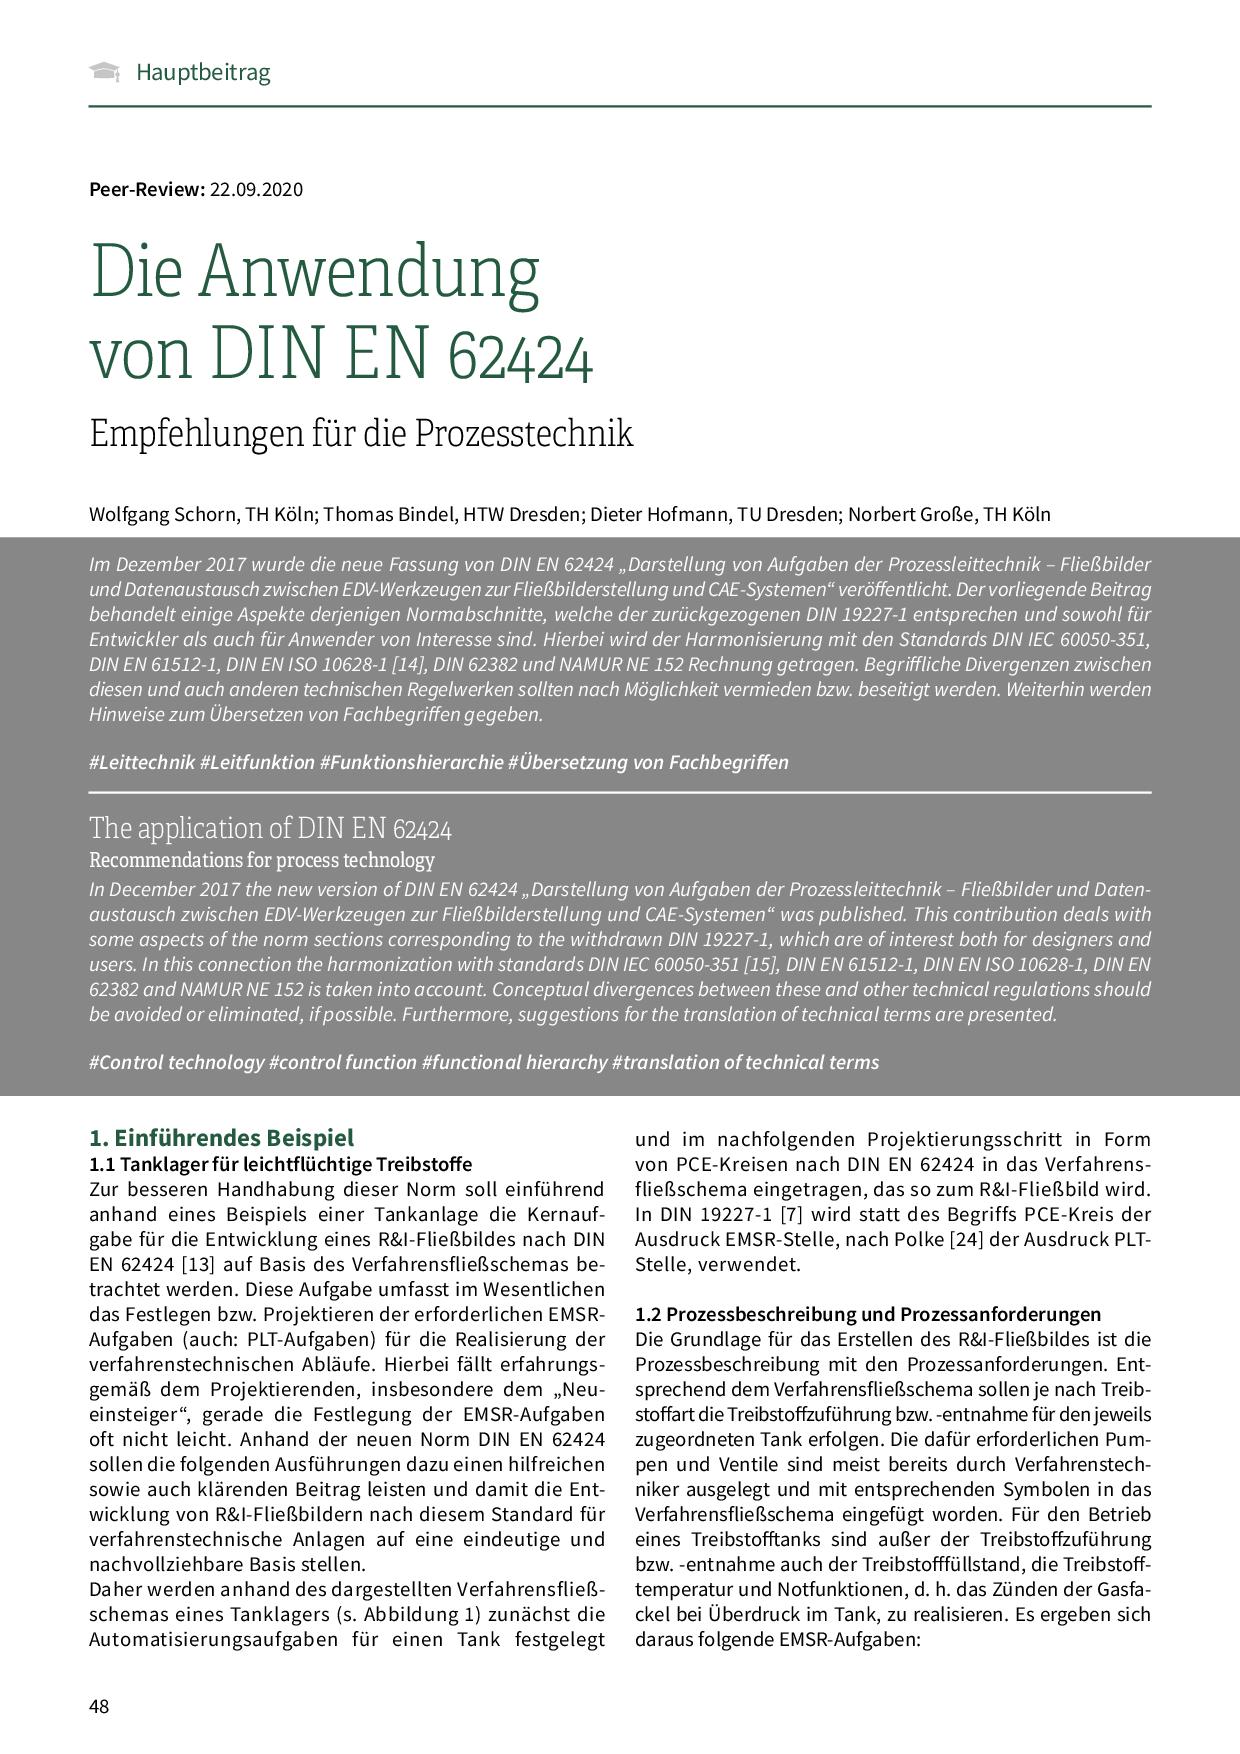 Die Anwendung von DIN EN 62424